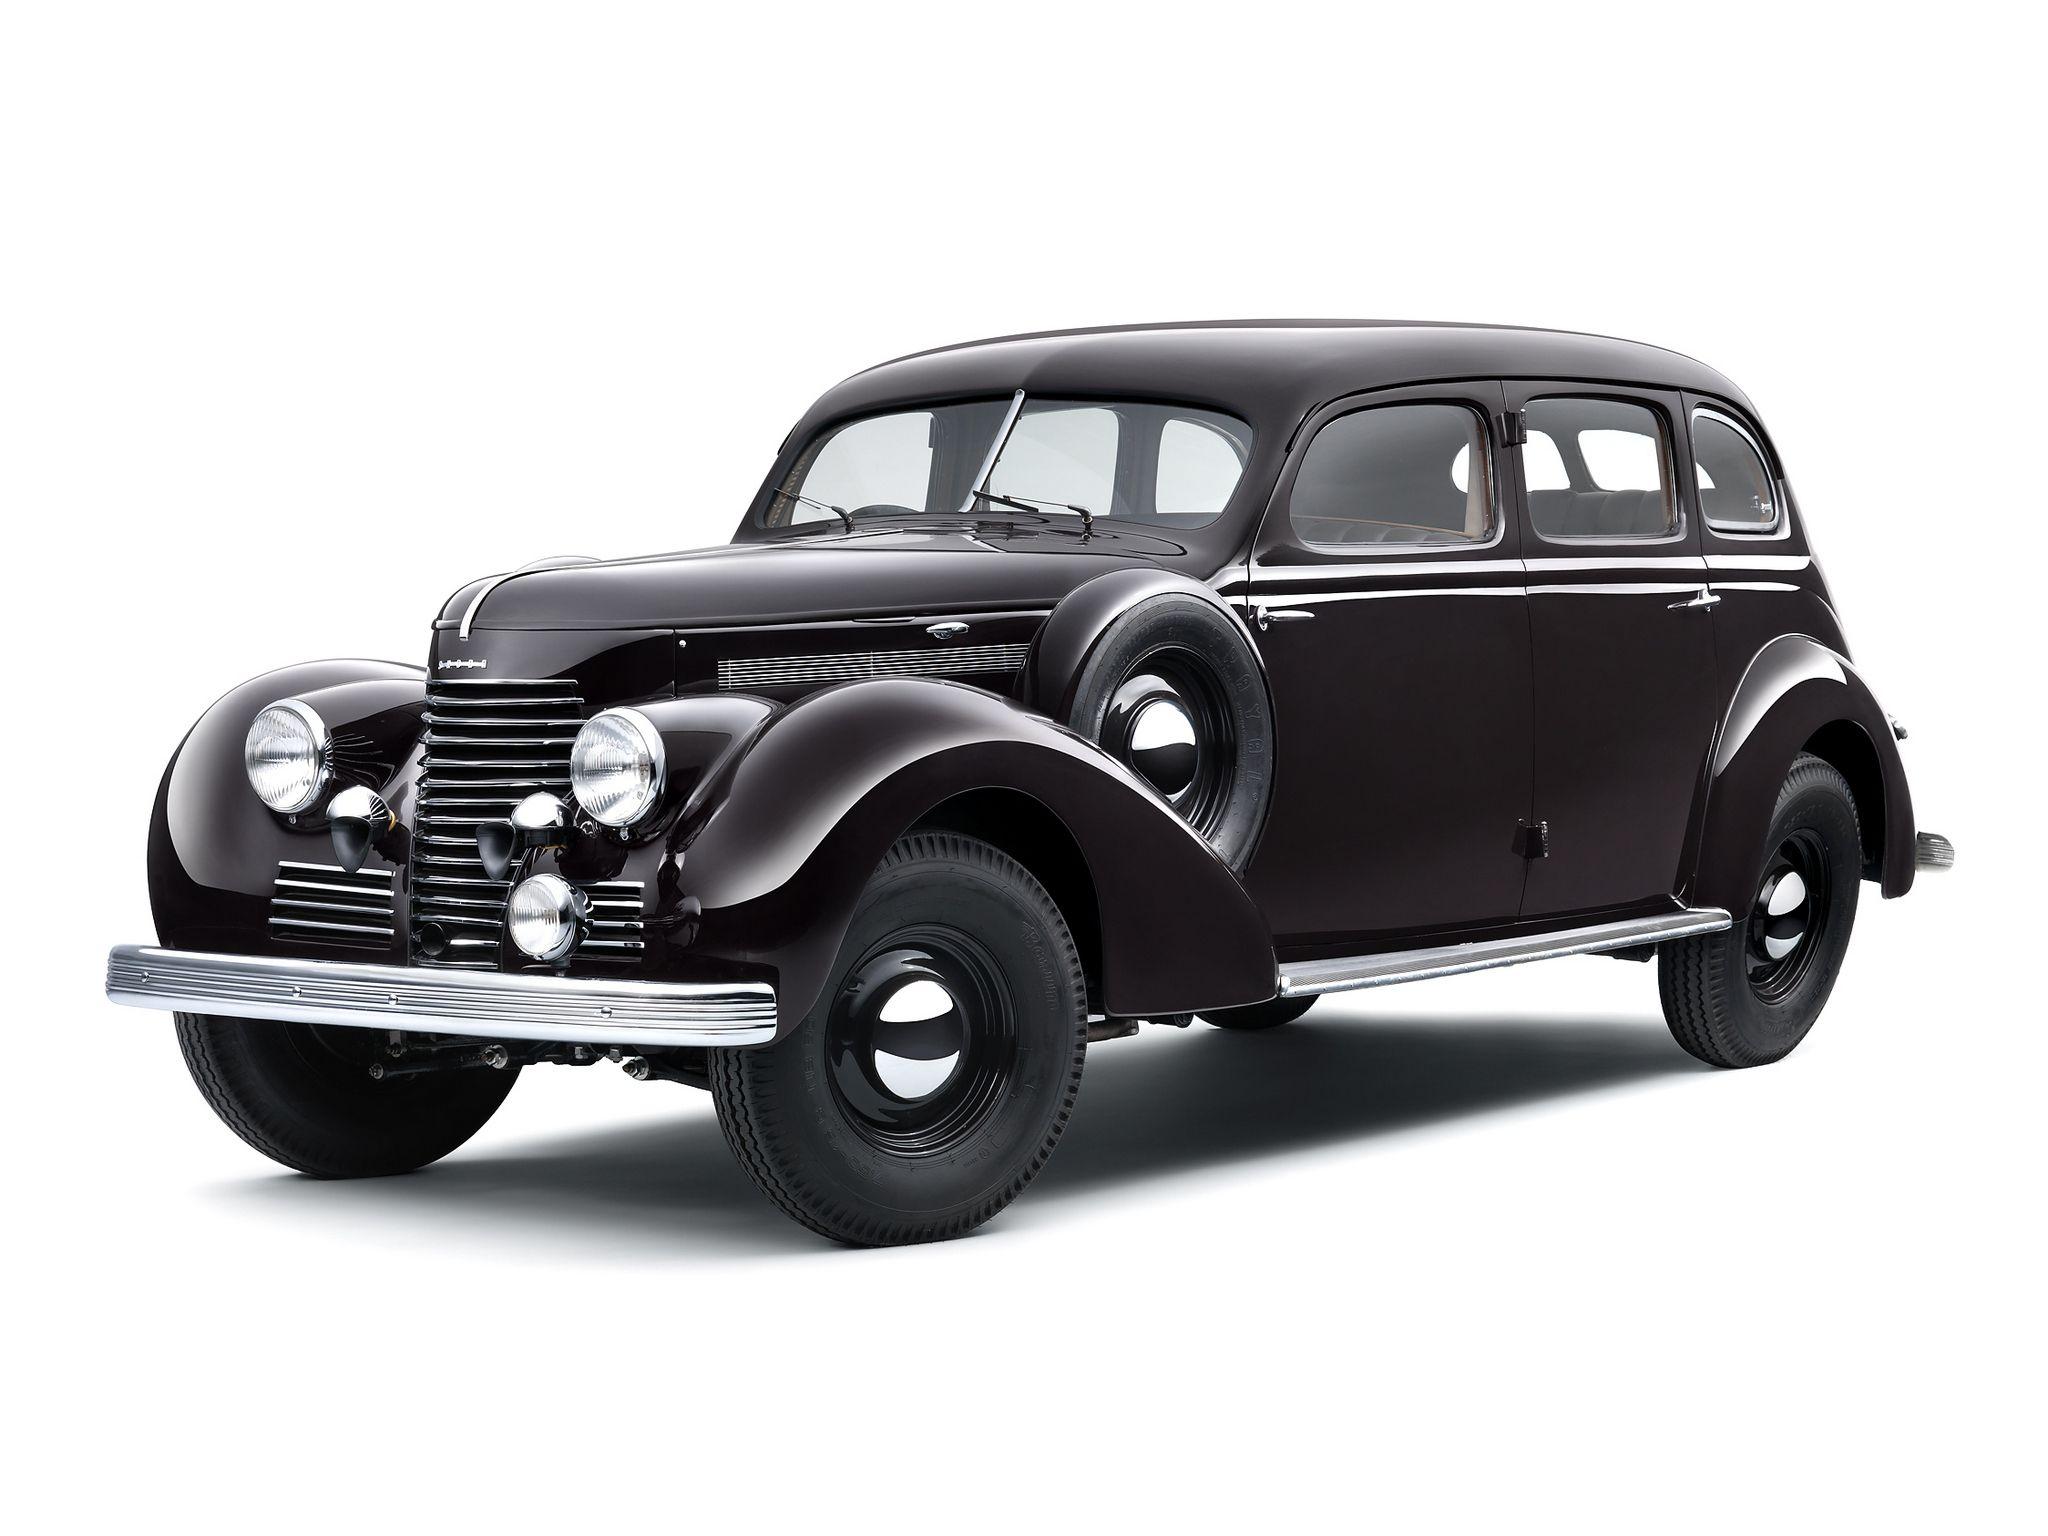 1939 40 Åkoda Superb 4000 Keleti szél Pinterest